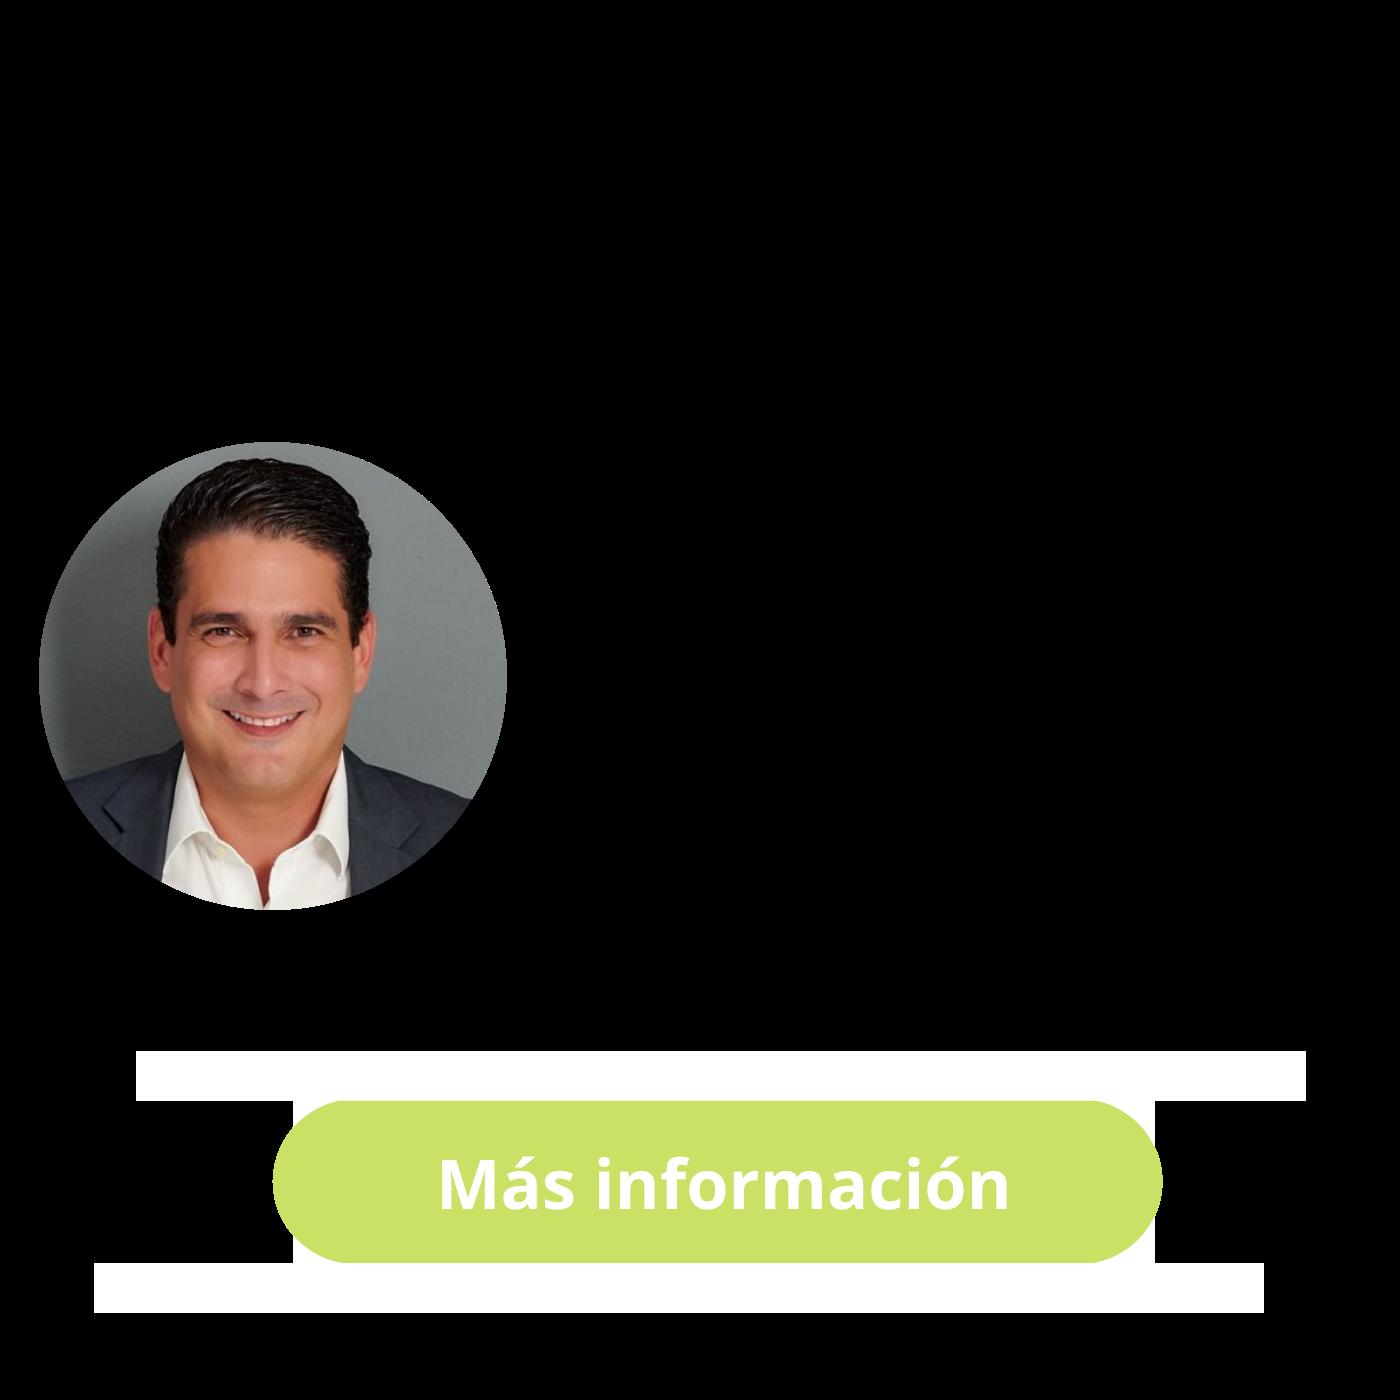 El Desafío Municipal De La Pandemia En Santa Tecla. Newsletter. Infografía. Roberto d'Aubuisson. 2021